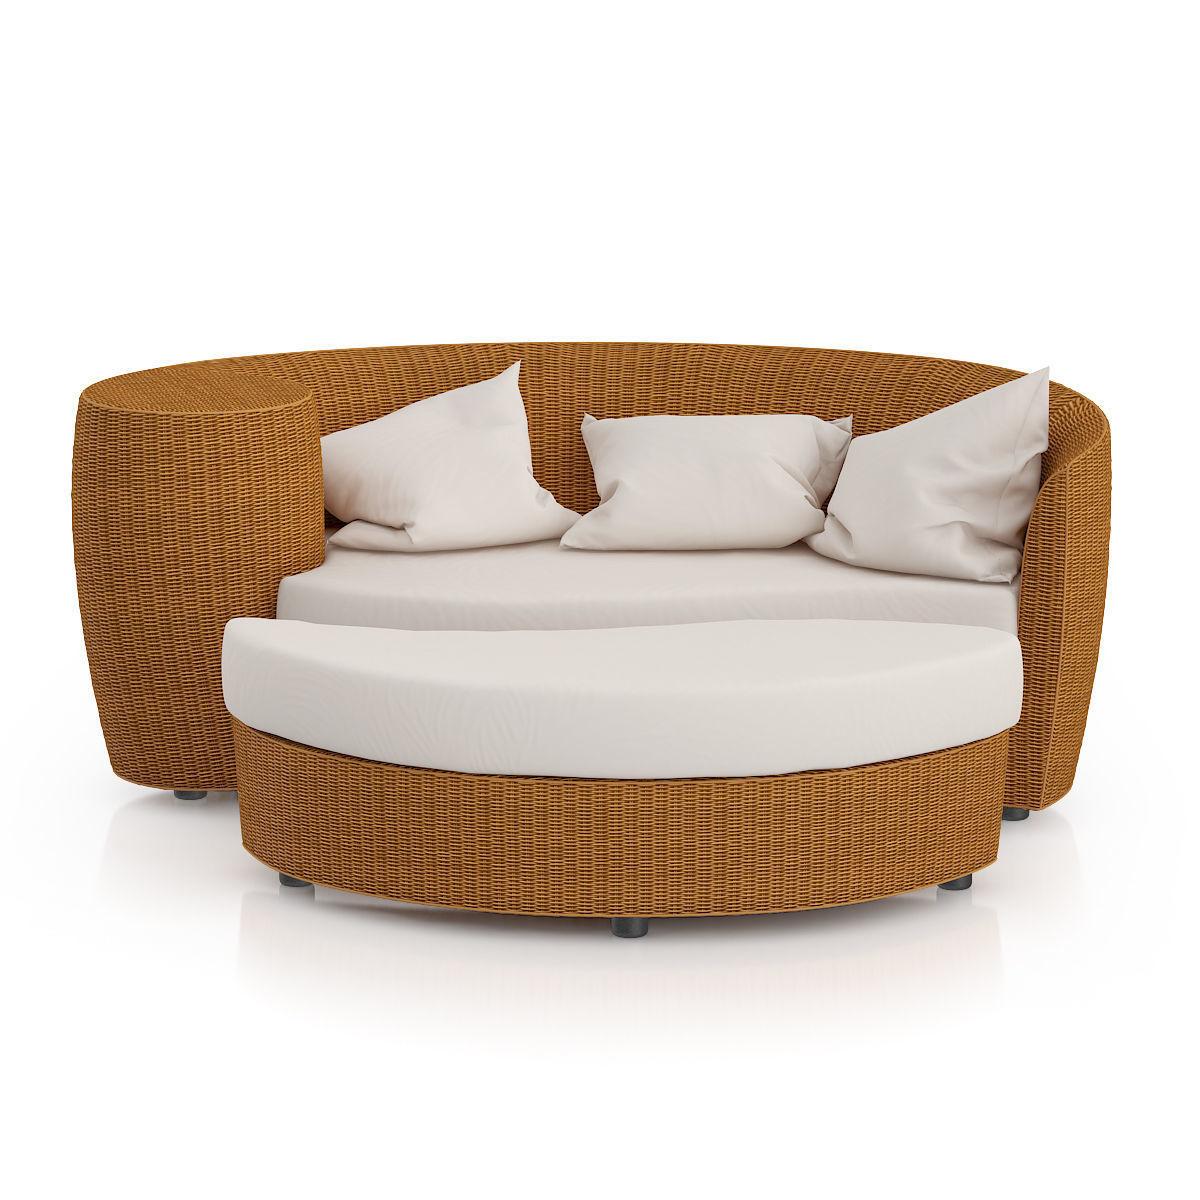 Wicker Sofa With Footrest 3d Model Max Obj Mtl Fbx C4d 1 ...